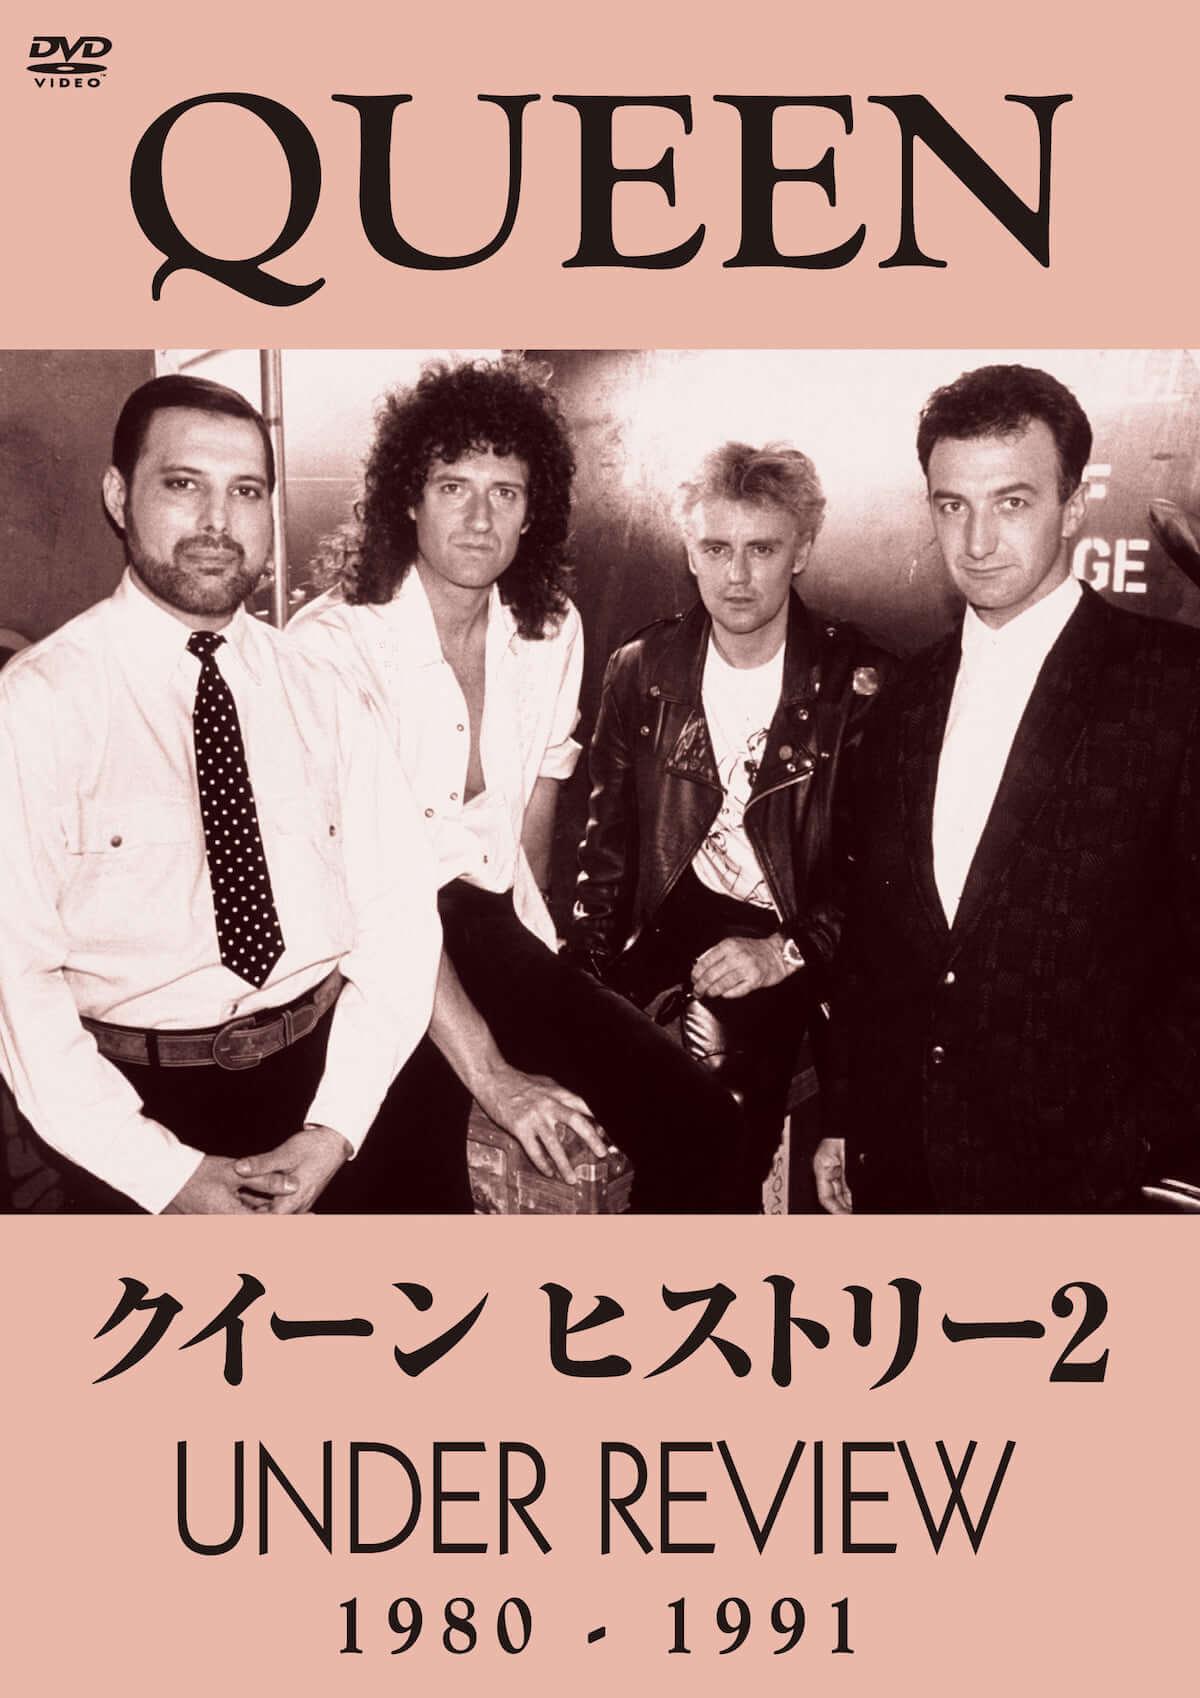 ライブ・エイドの映像も収録!『クイーン ヒストリー2 1980〜1991』が本日20日発売&予告動画公開 video190320_queen_3-1200x1698